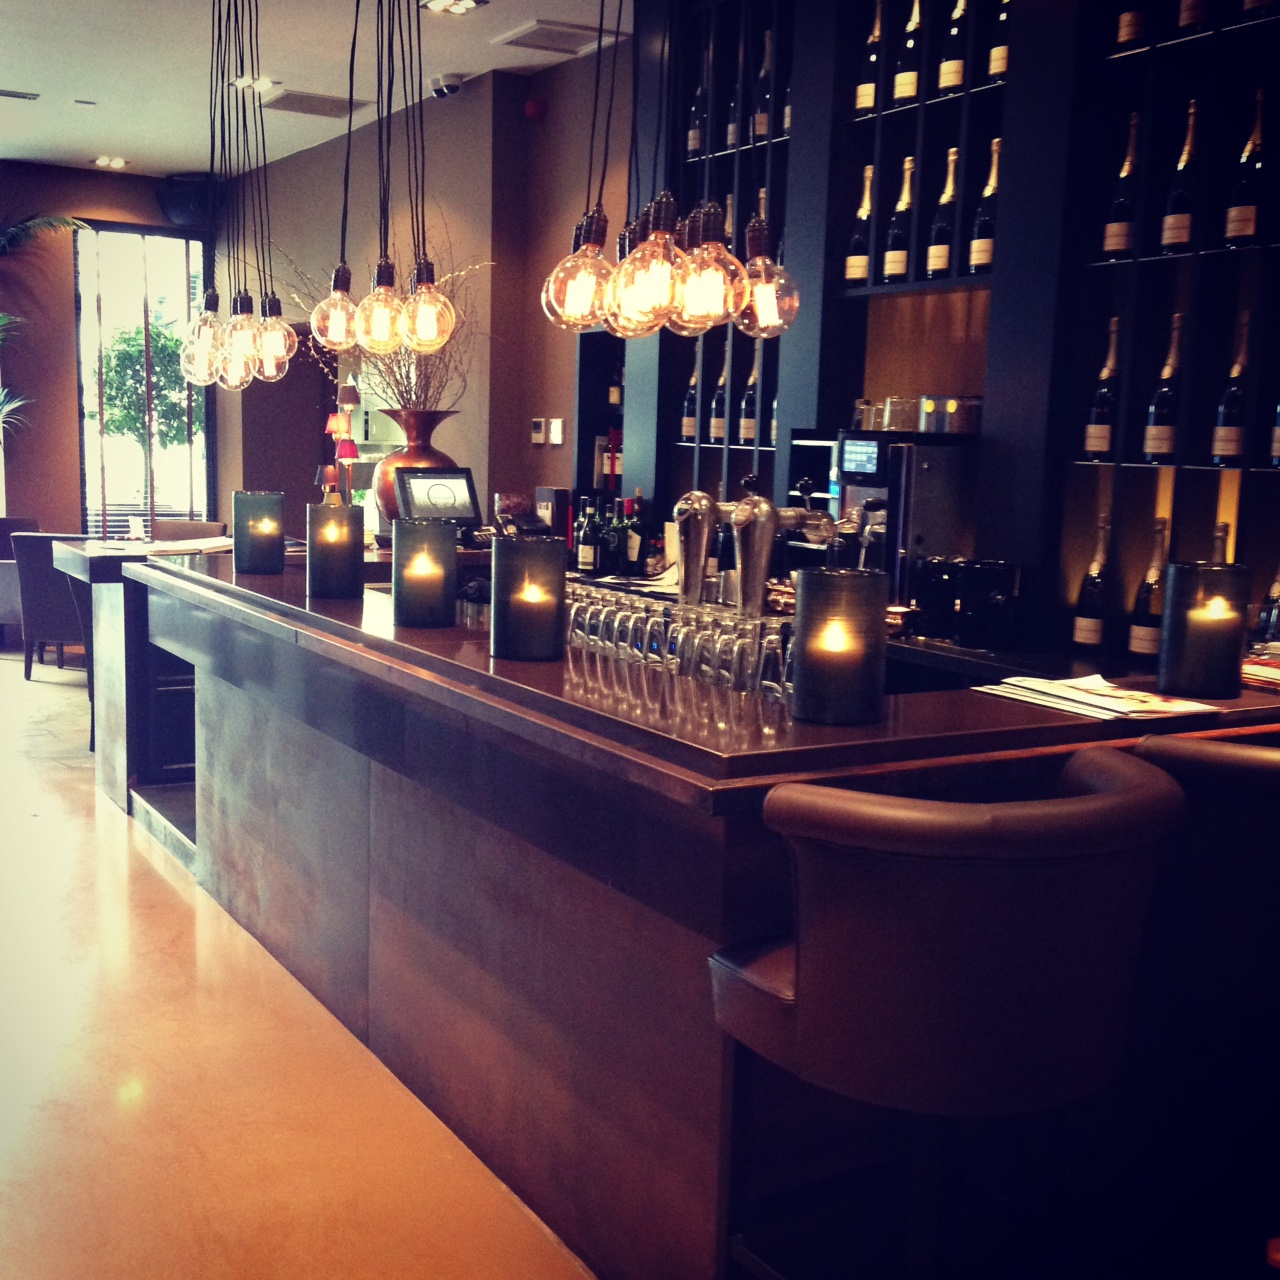 Justdial Hotels: Bliss Hotel – Breda